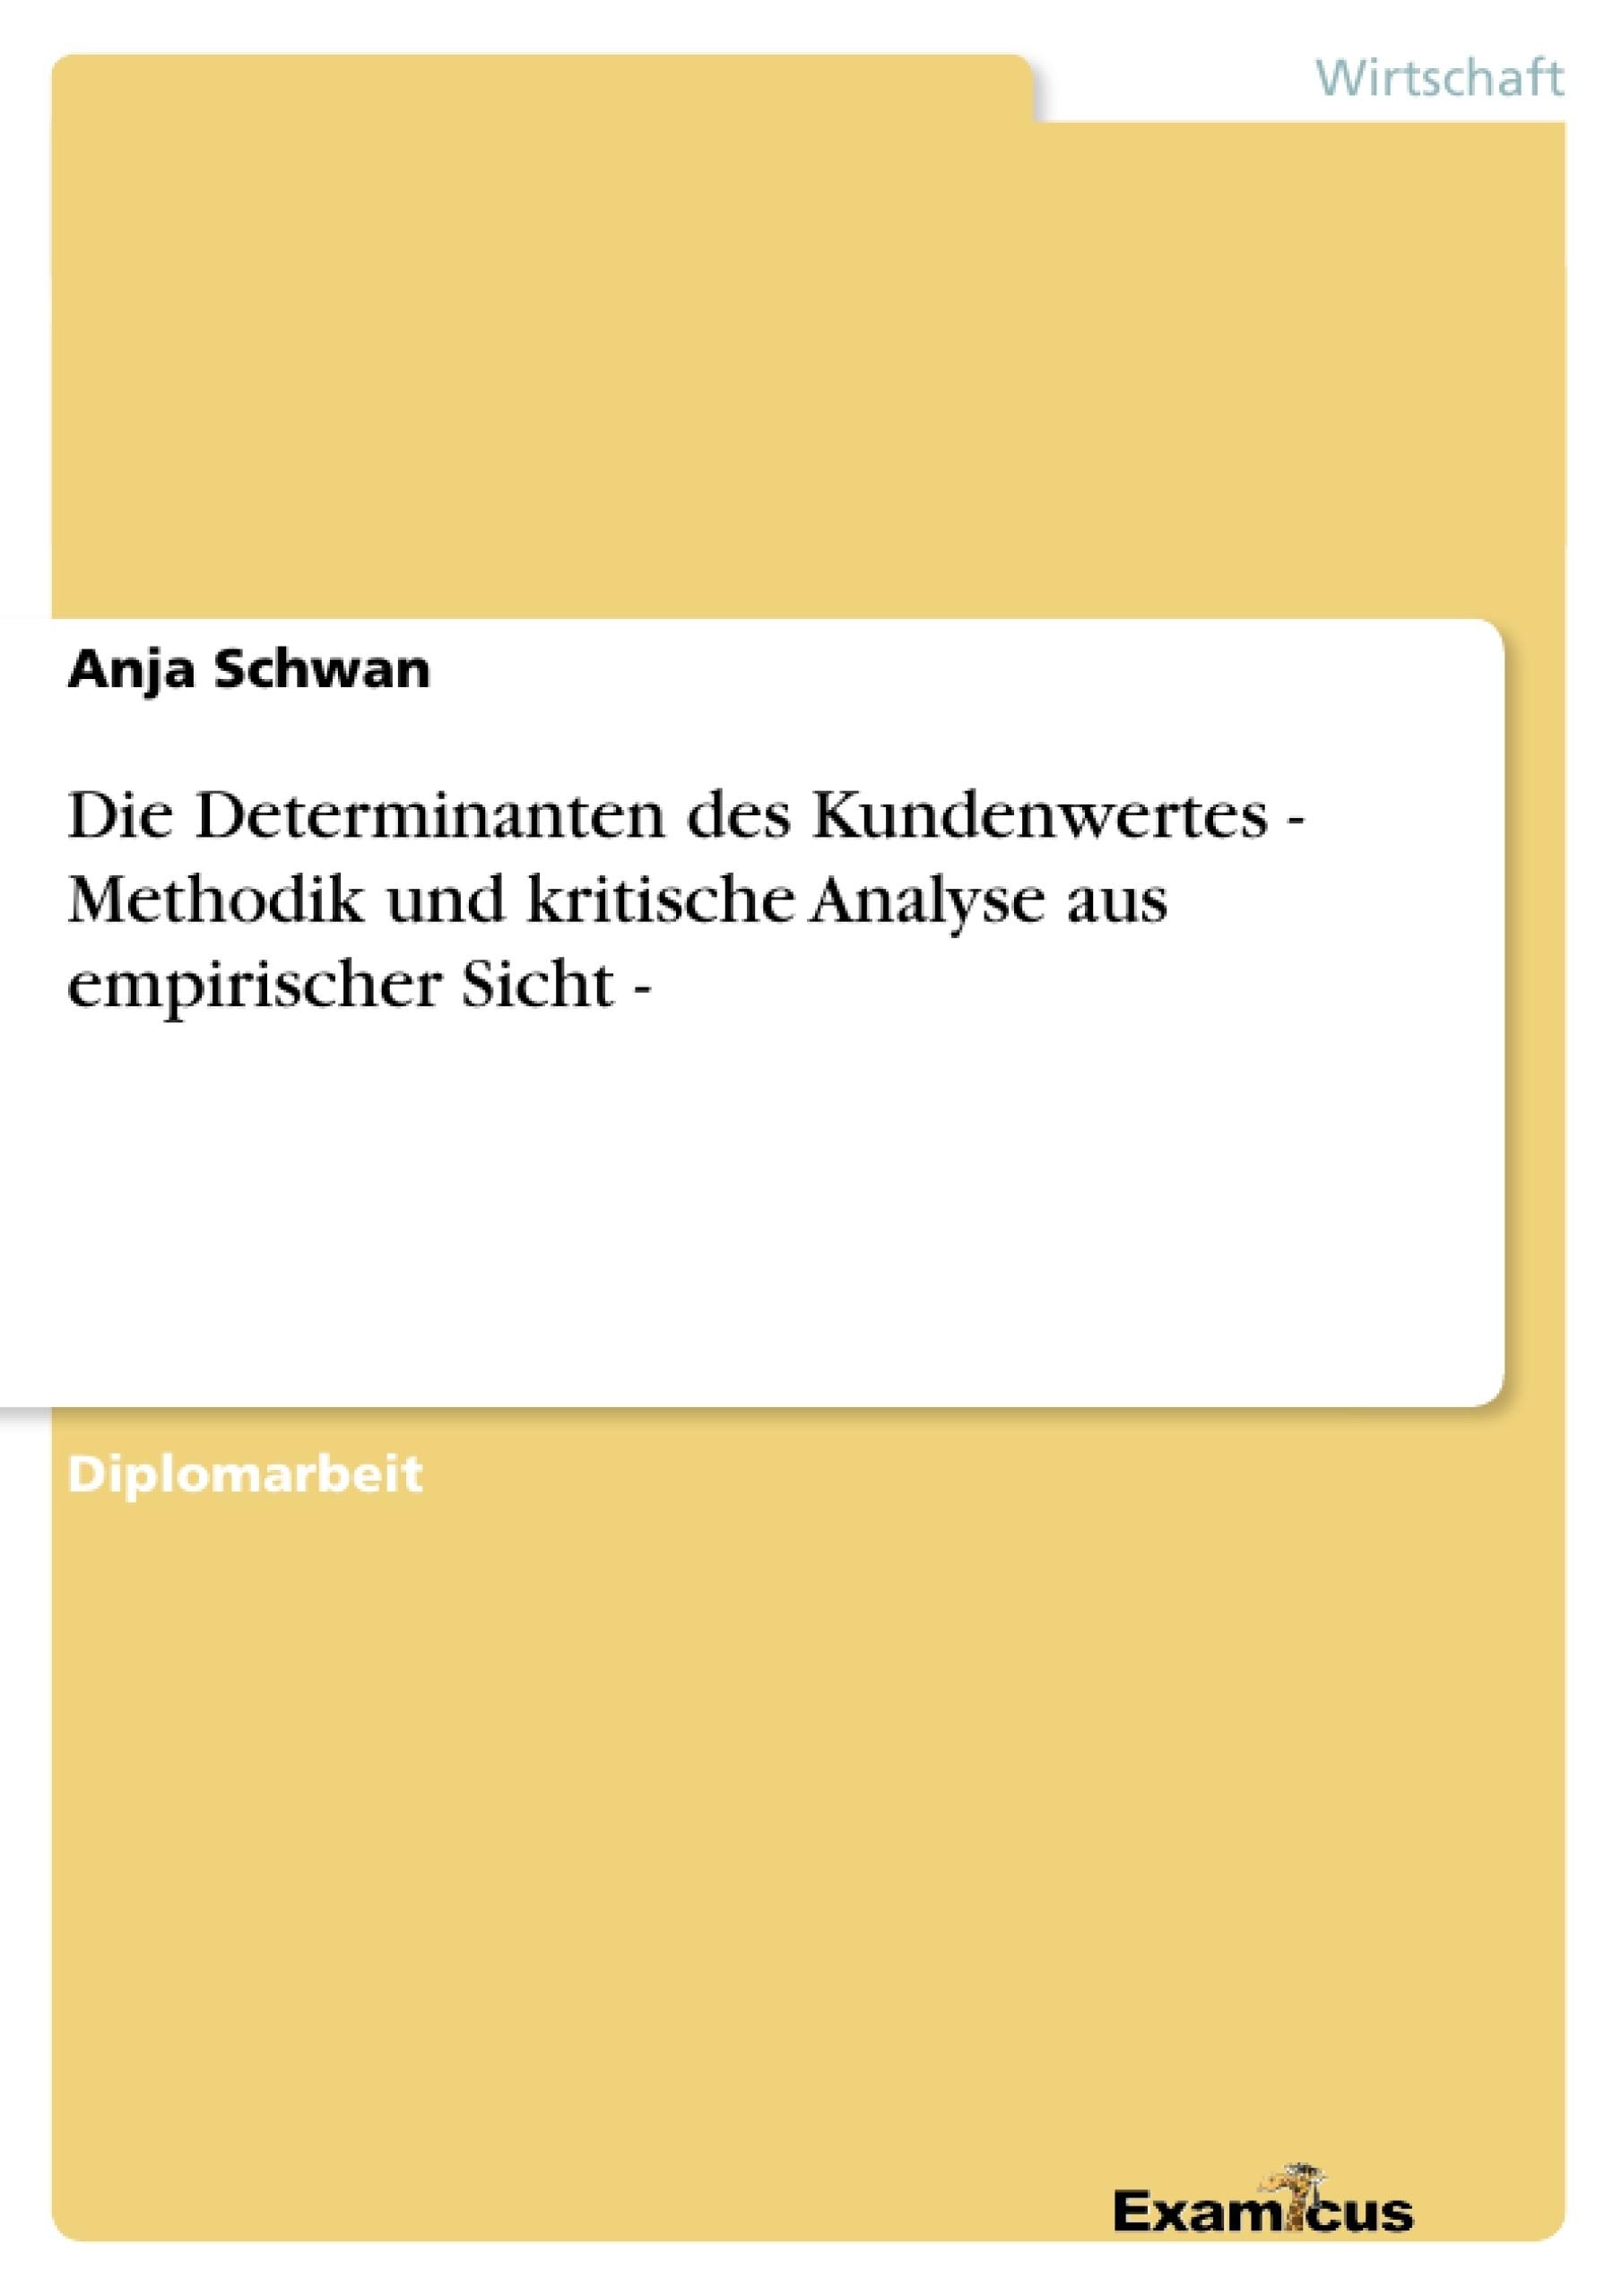 Titel: Die Determinanten des Kundenwertes - Methodik und kritische Analyse aus empirischer Sicht -